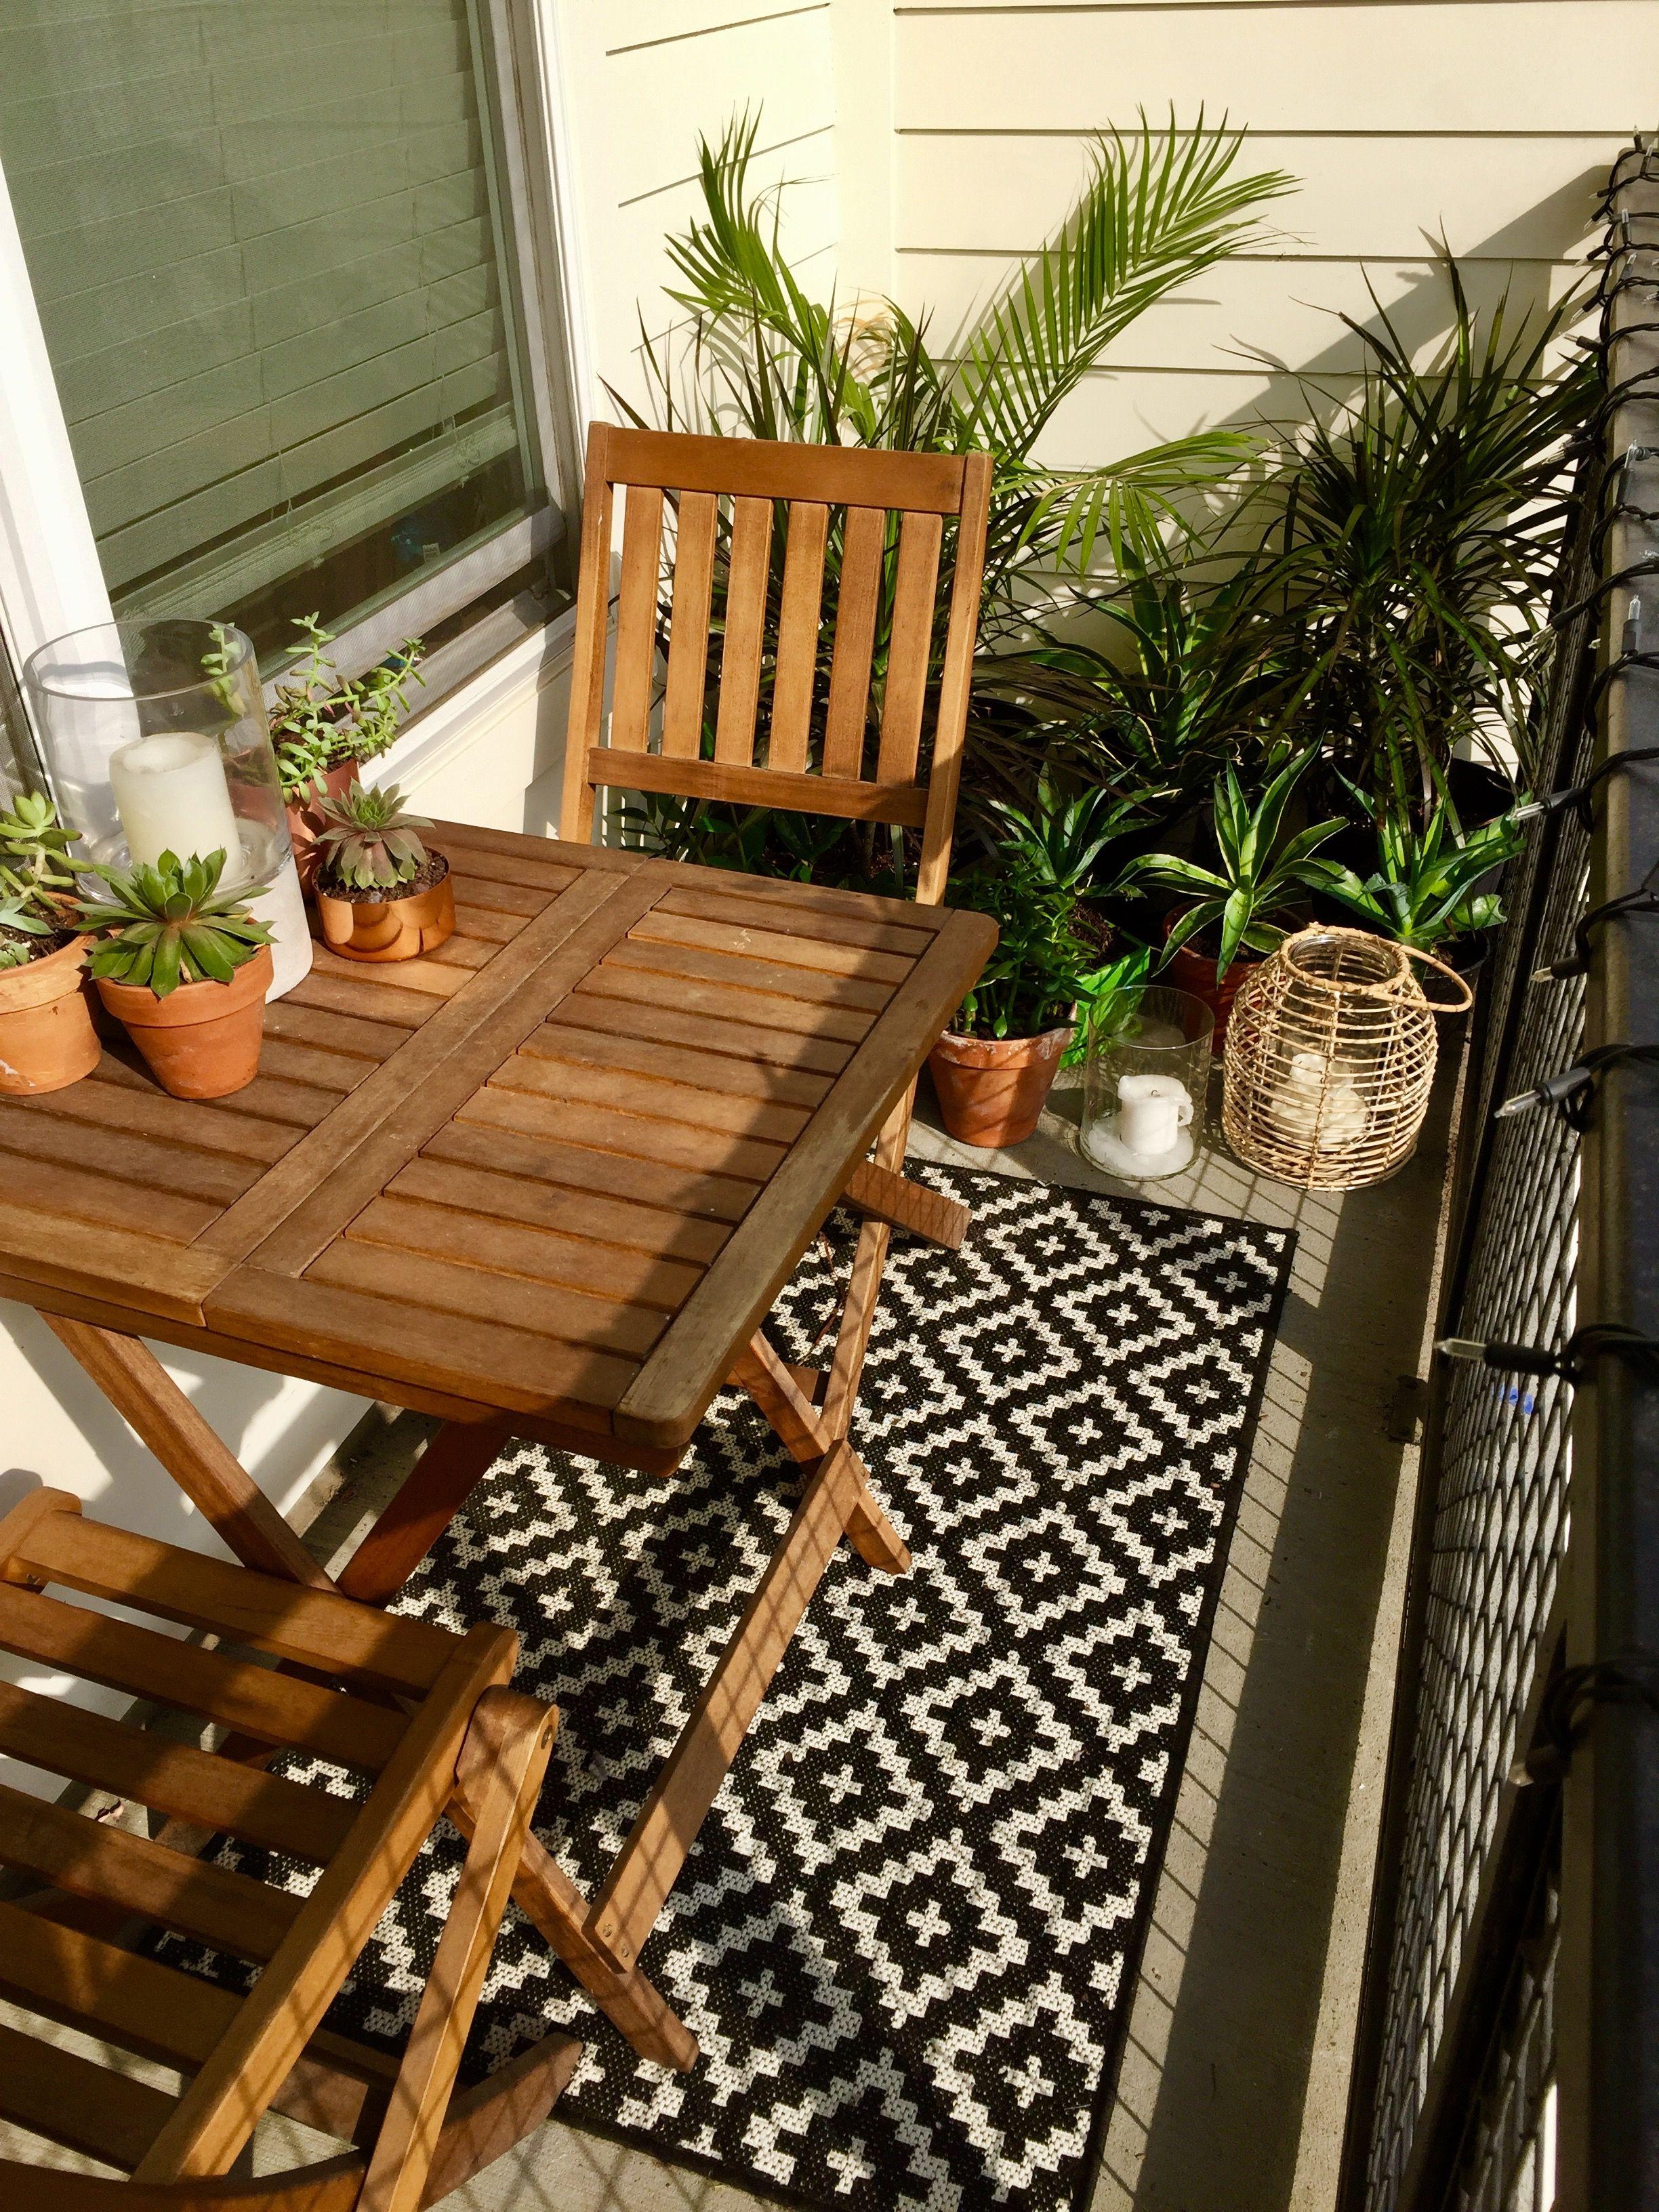 Plantes Succulentes Et Tropicales Sont Au Rendez Vous De Ce Petit Balcon En Ville La Table Et Chaise P Apartment Balcony Garden Ikea Patio Small Balcony Decor